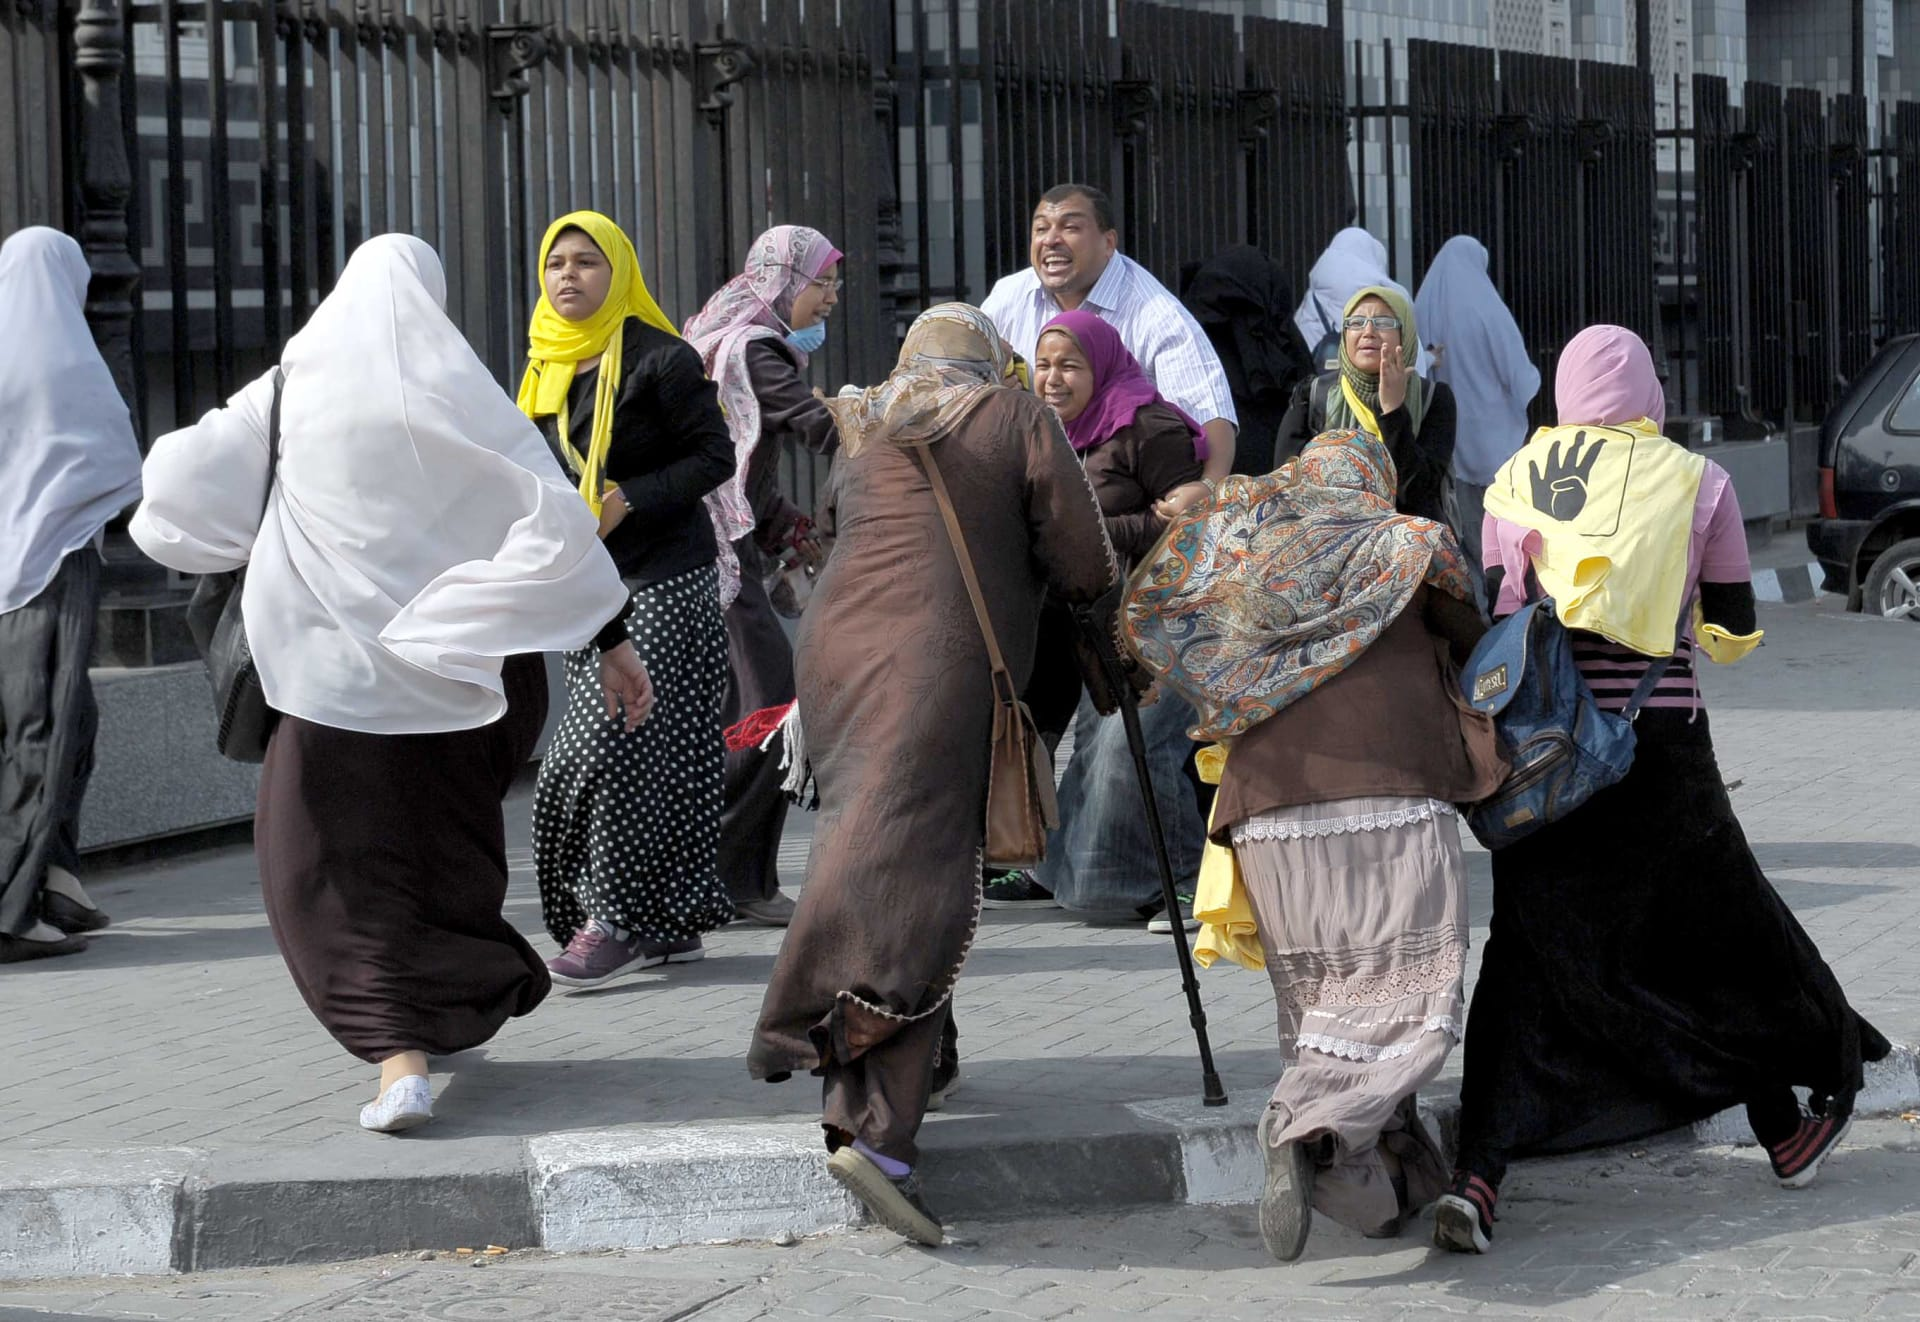 صحف: نساء الإخوان أخطر من اليهوديات وإيران تقاضي بريطانيا